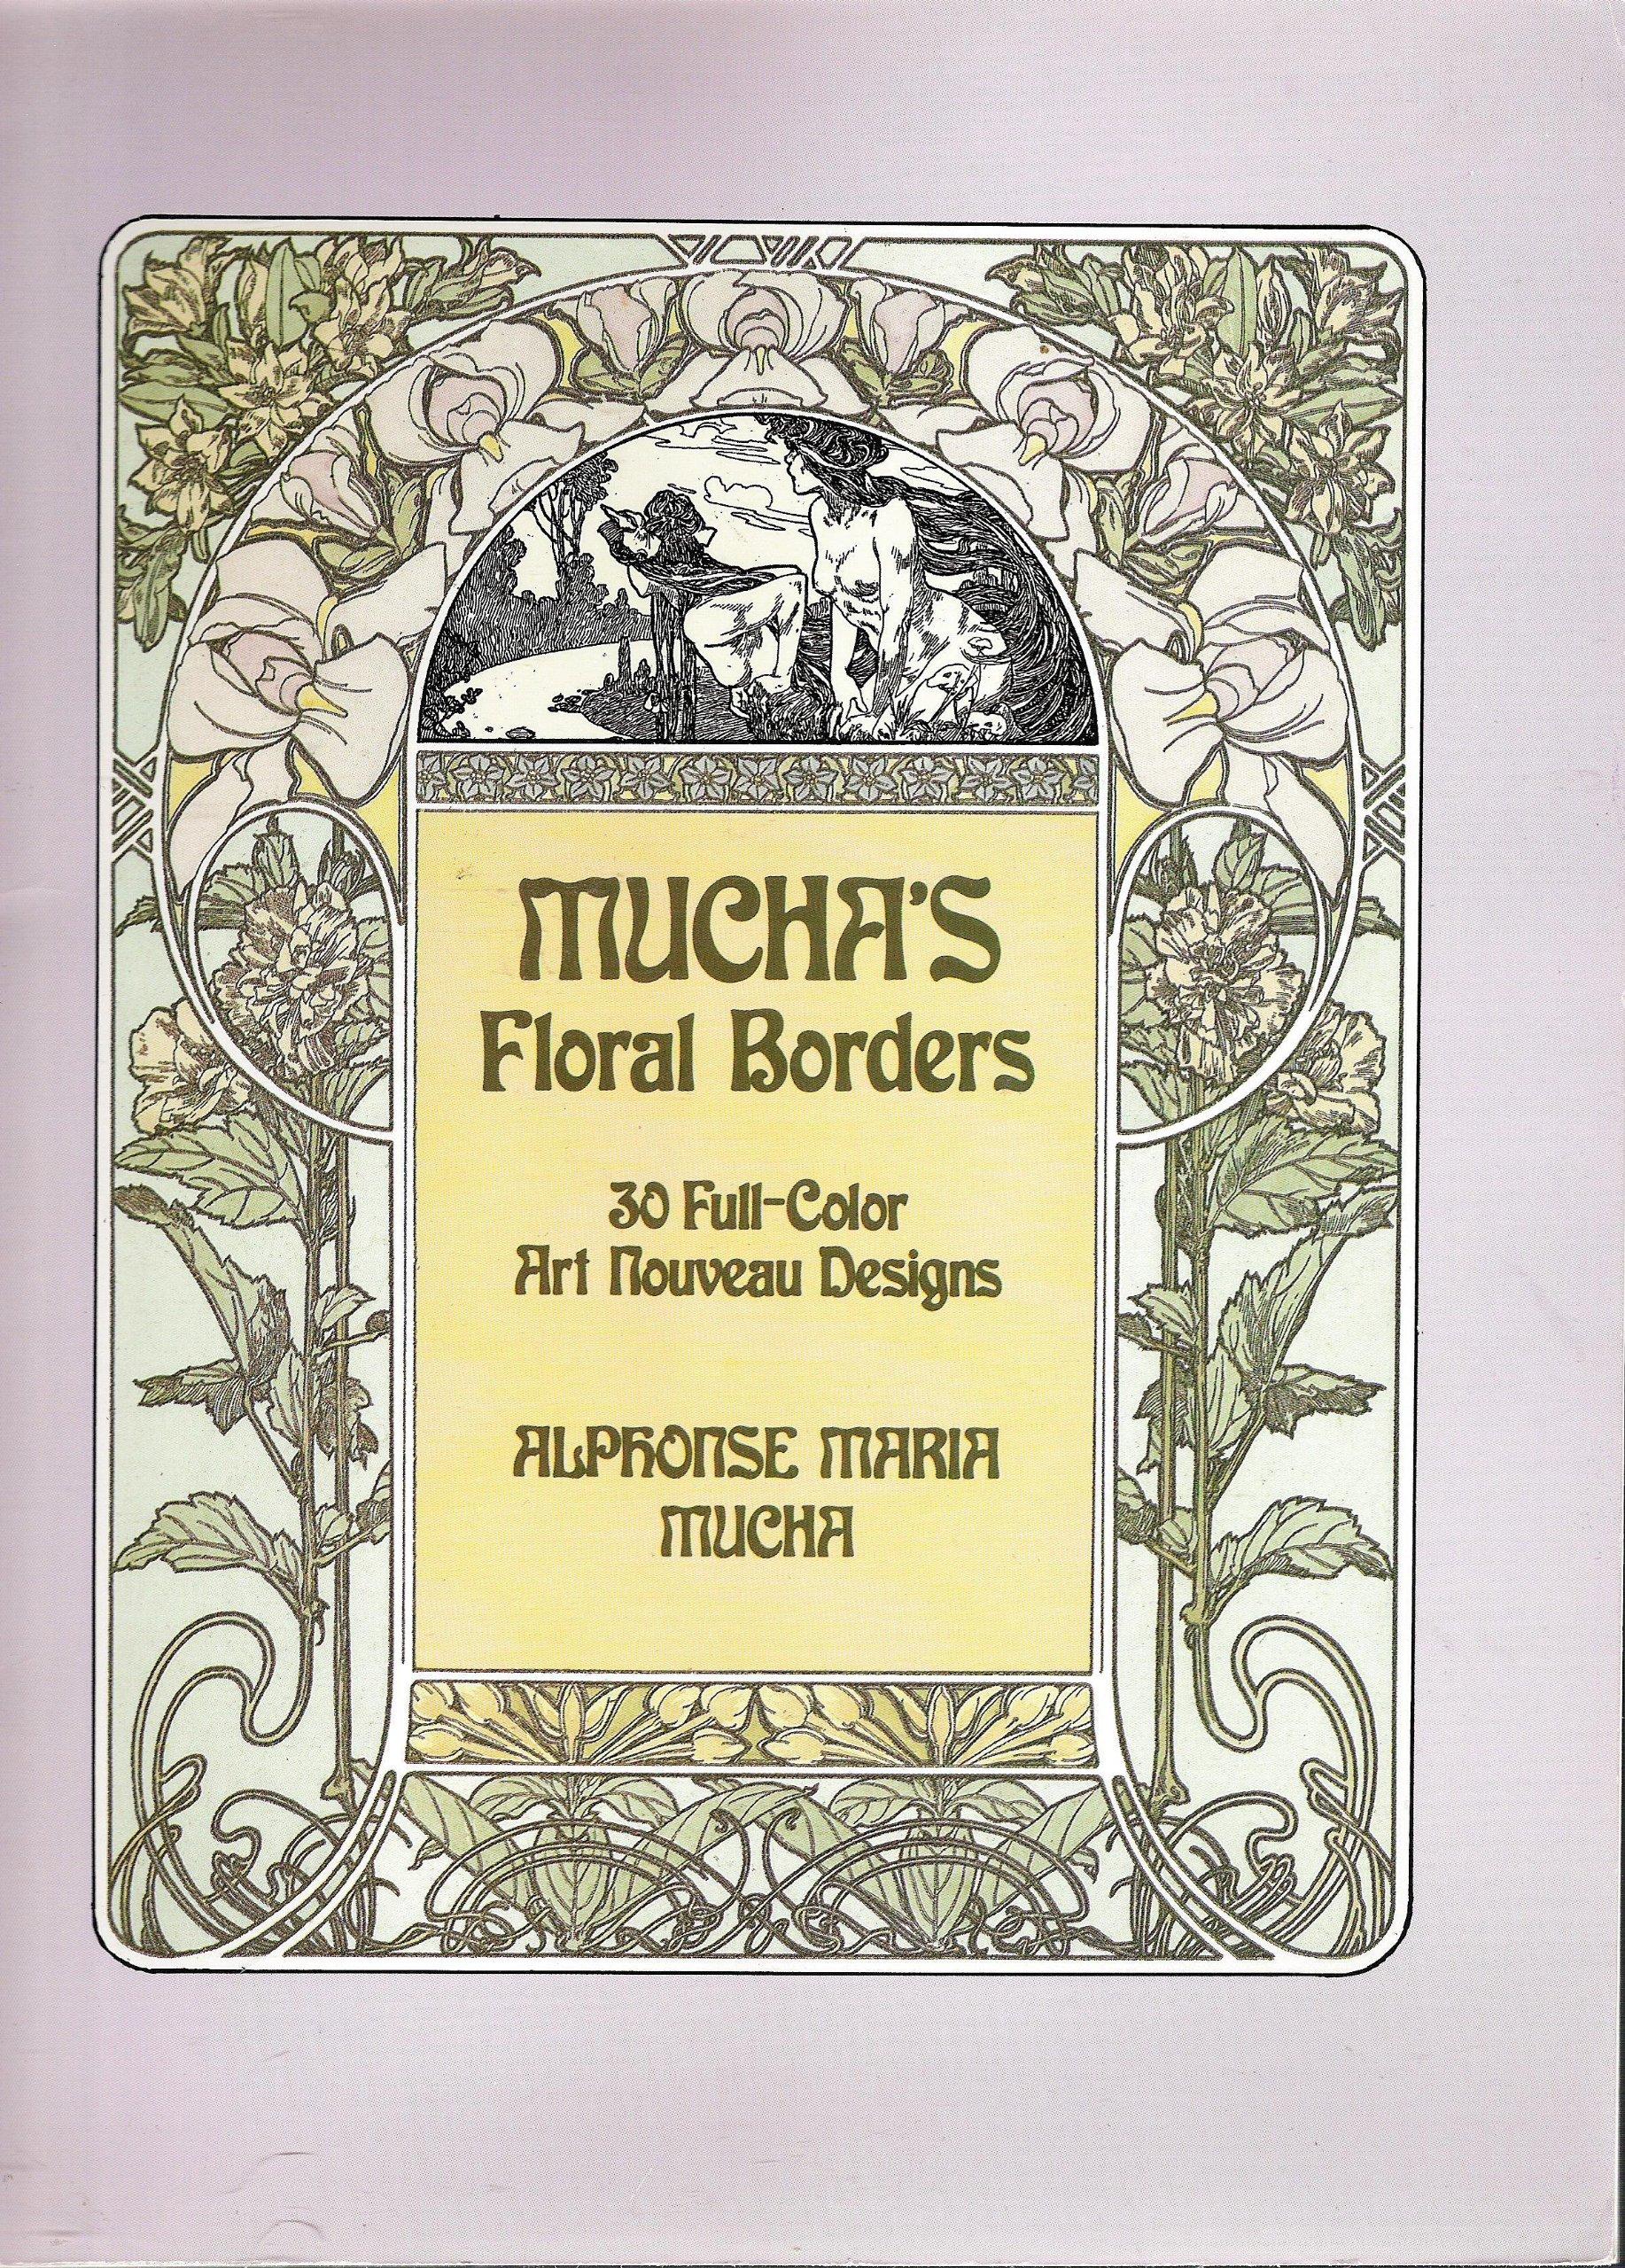 mucha s floral borders 30 full color art nouveau designs alphonse